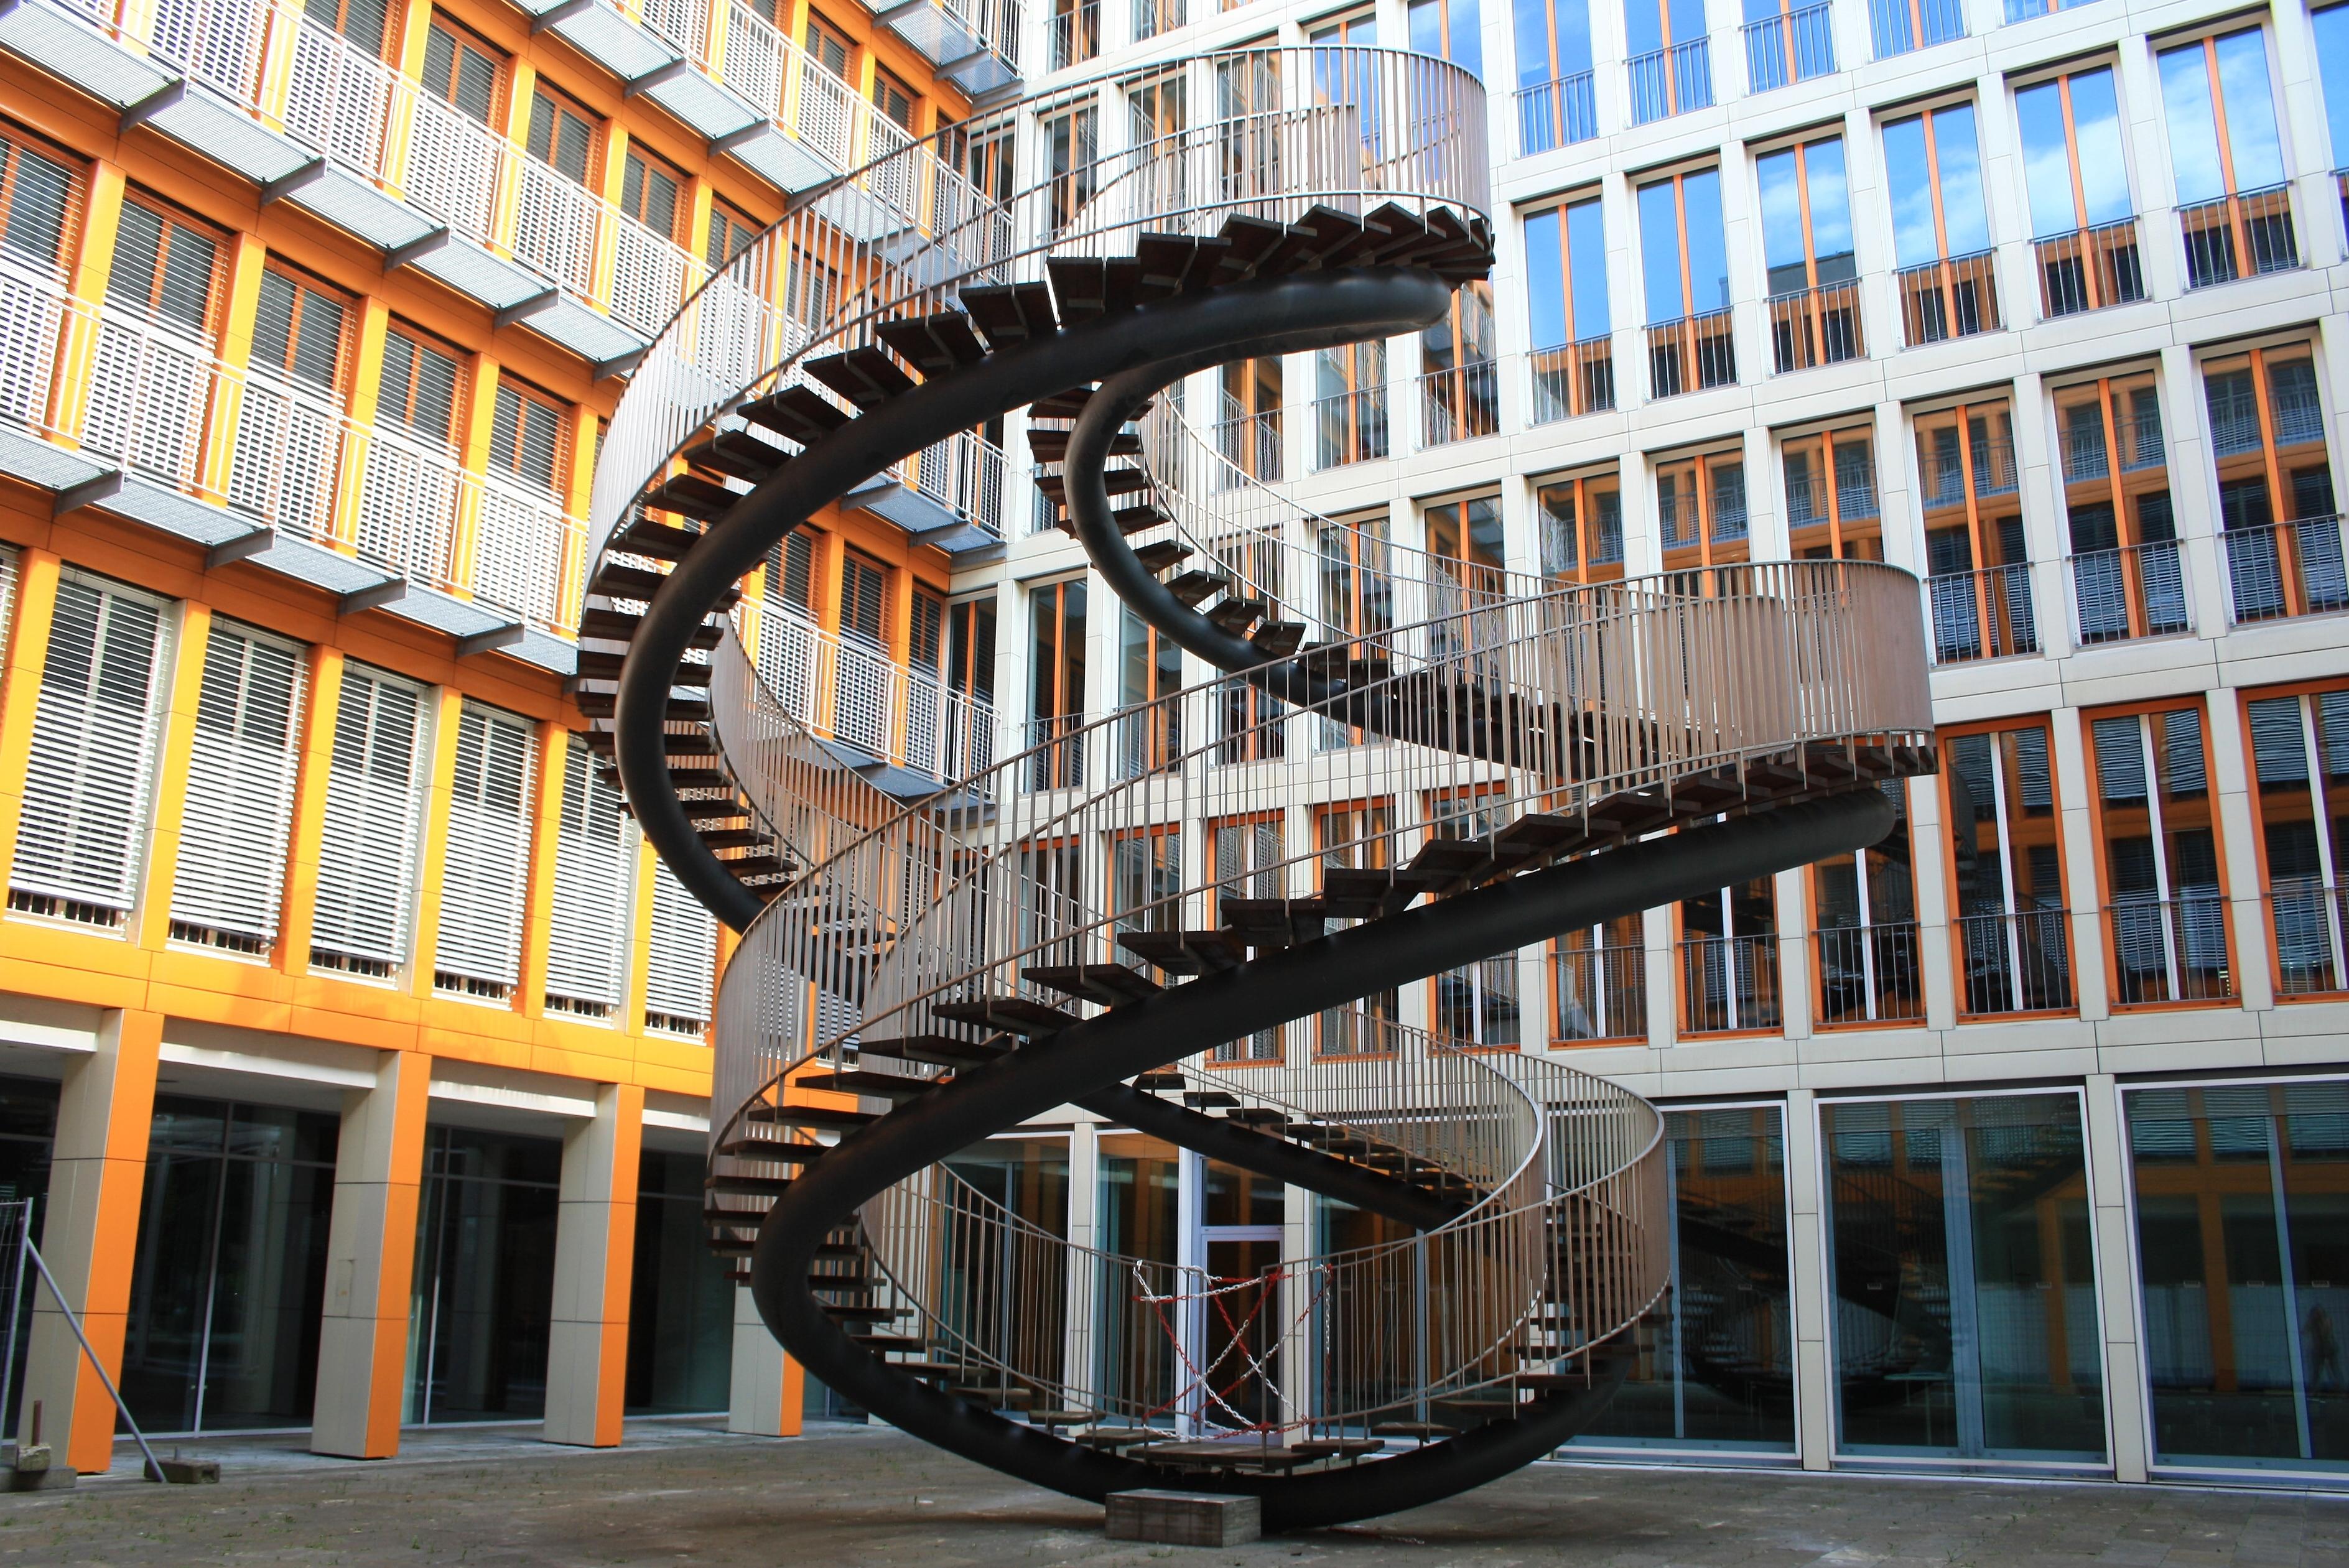 Treppen München file endlose treppe bei kpmg in münchen jpg wikimedia commons